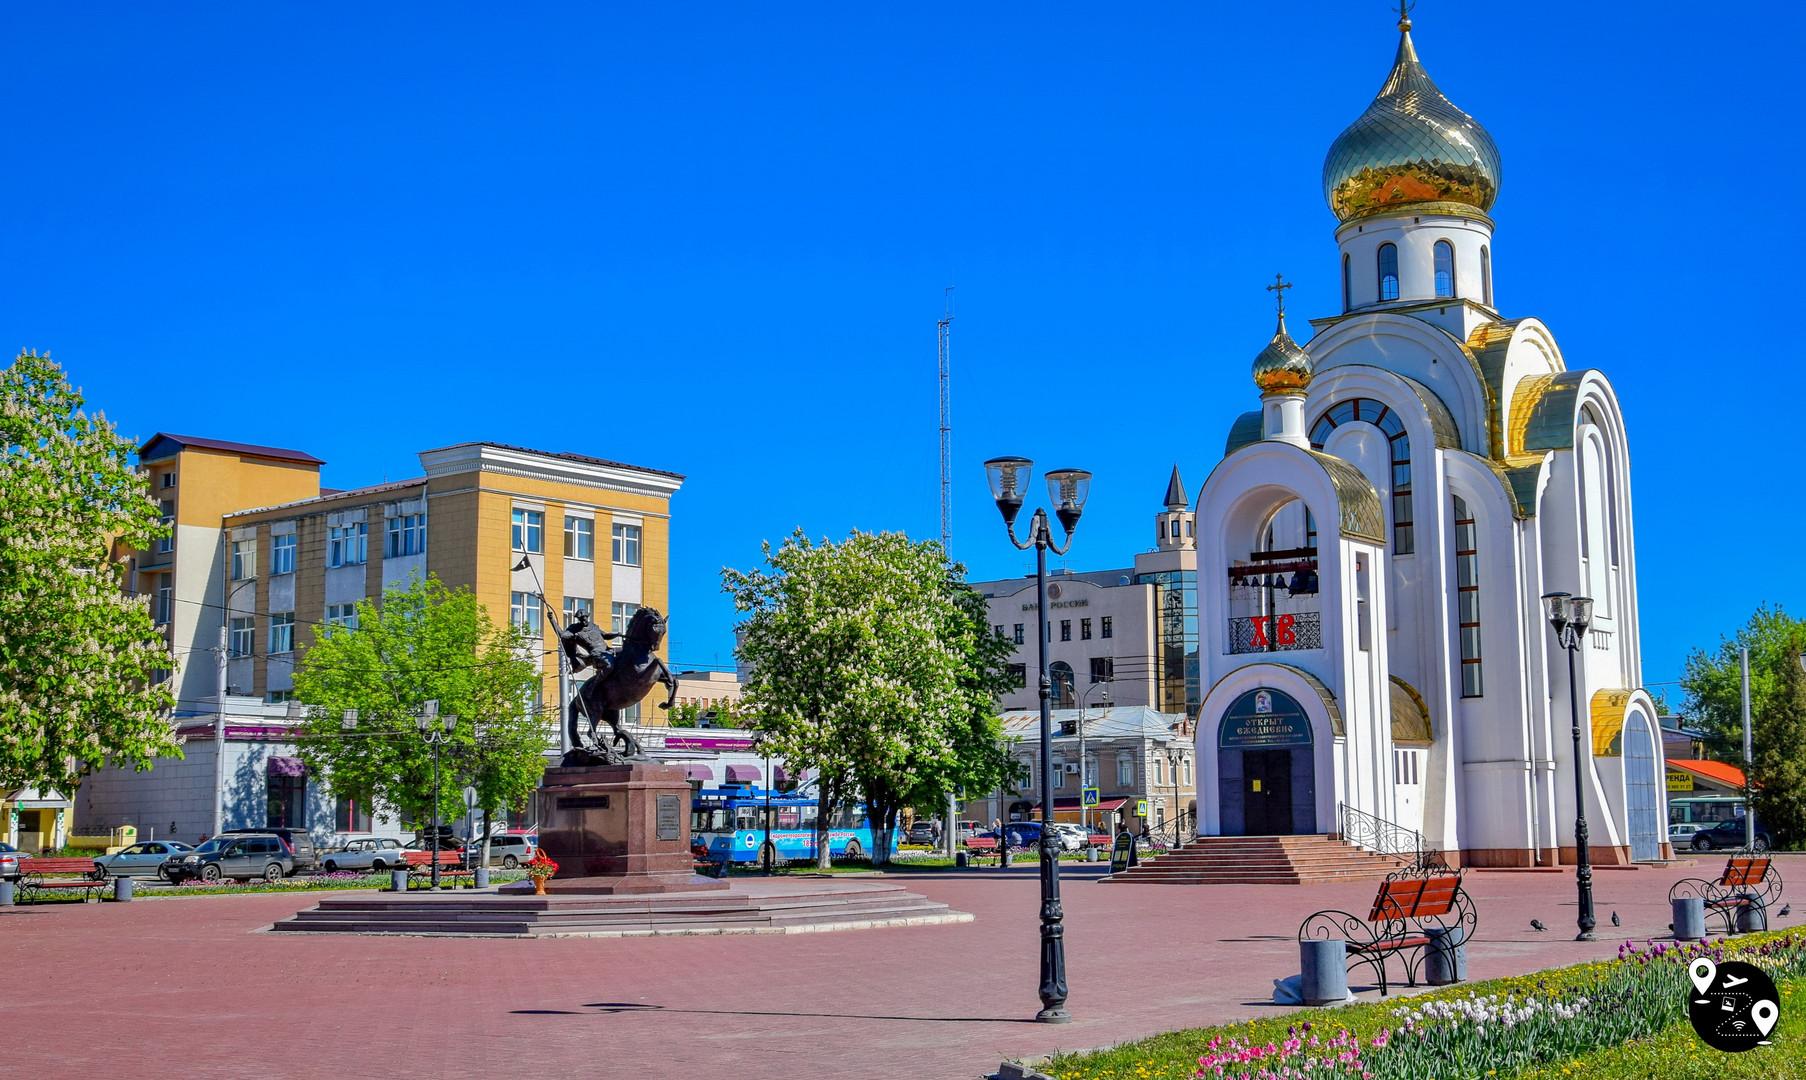 Площадь Победы, Иваново